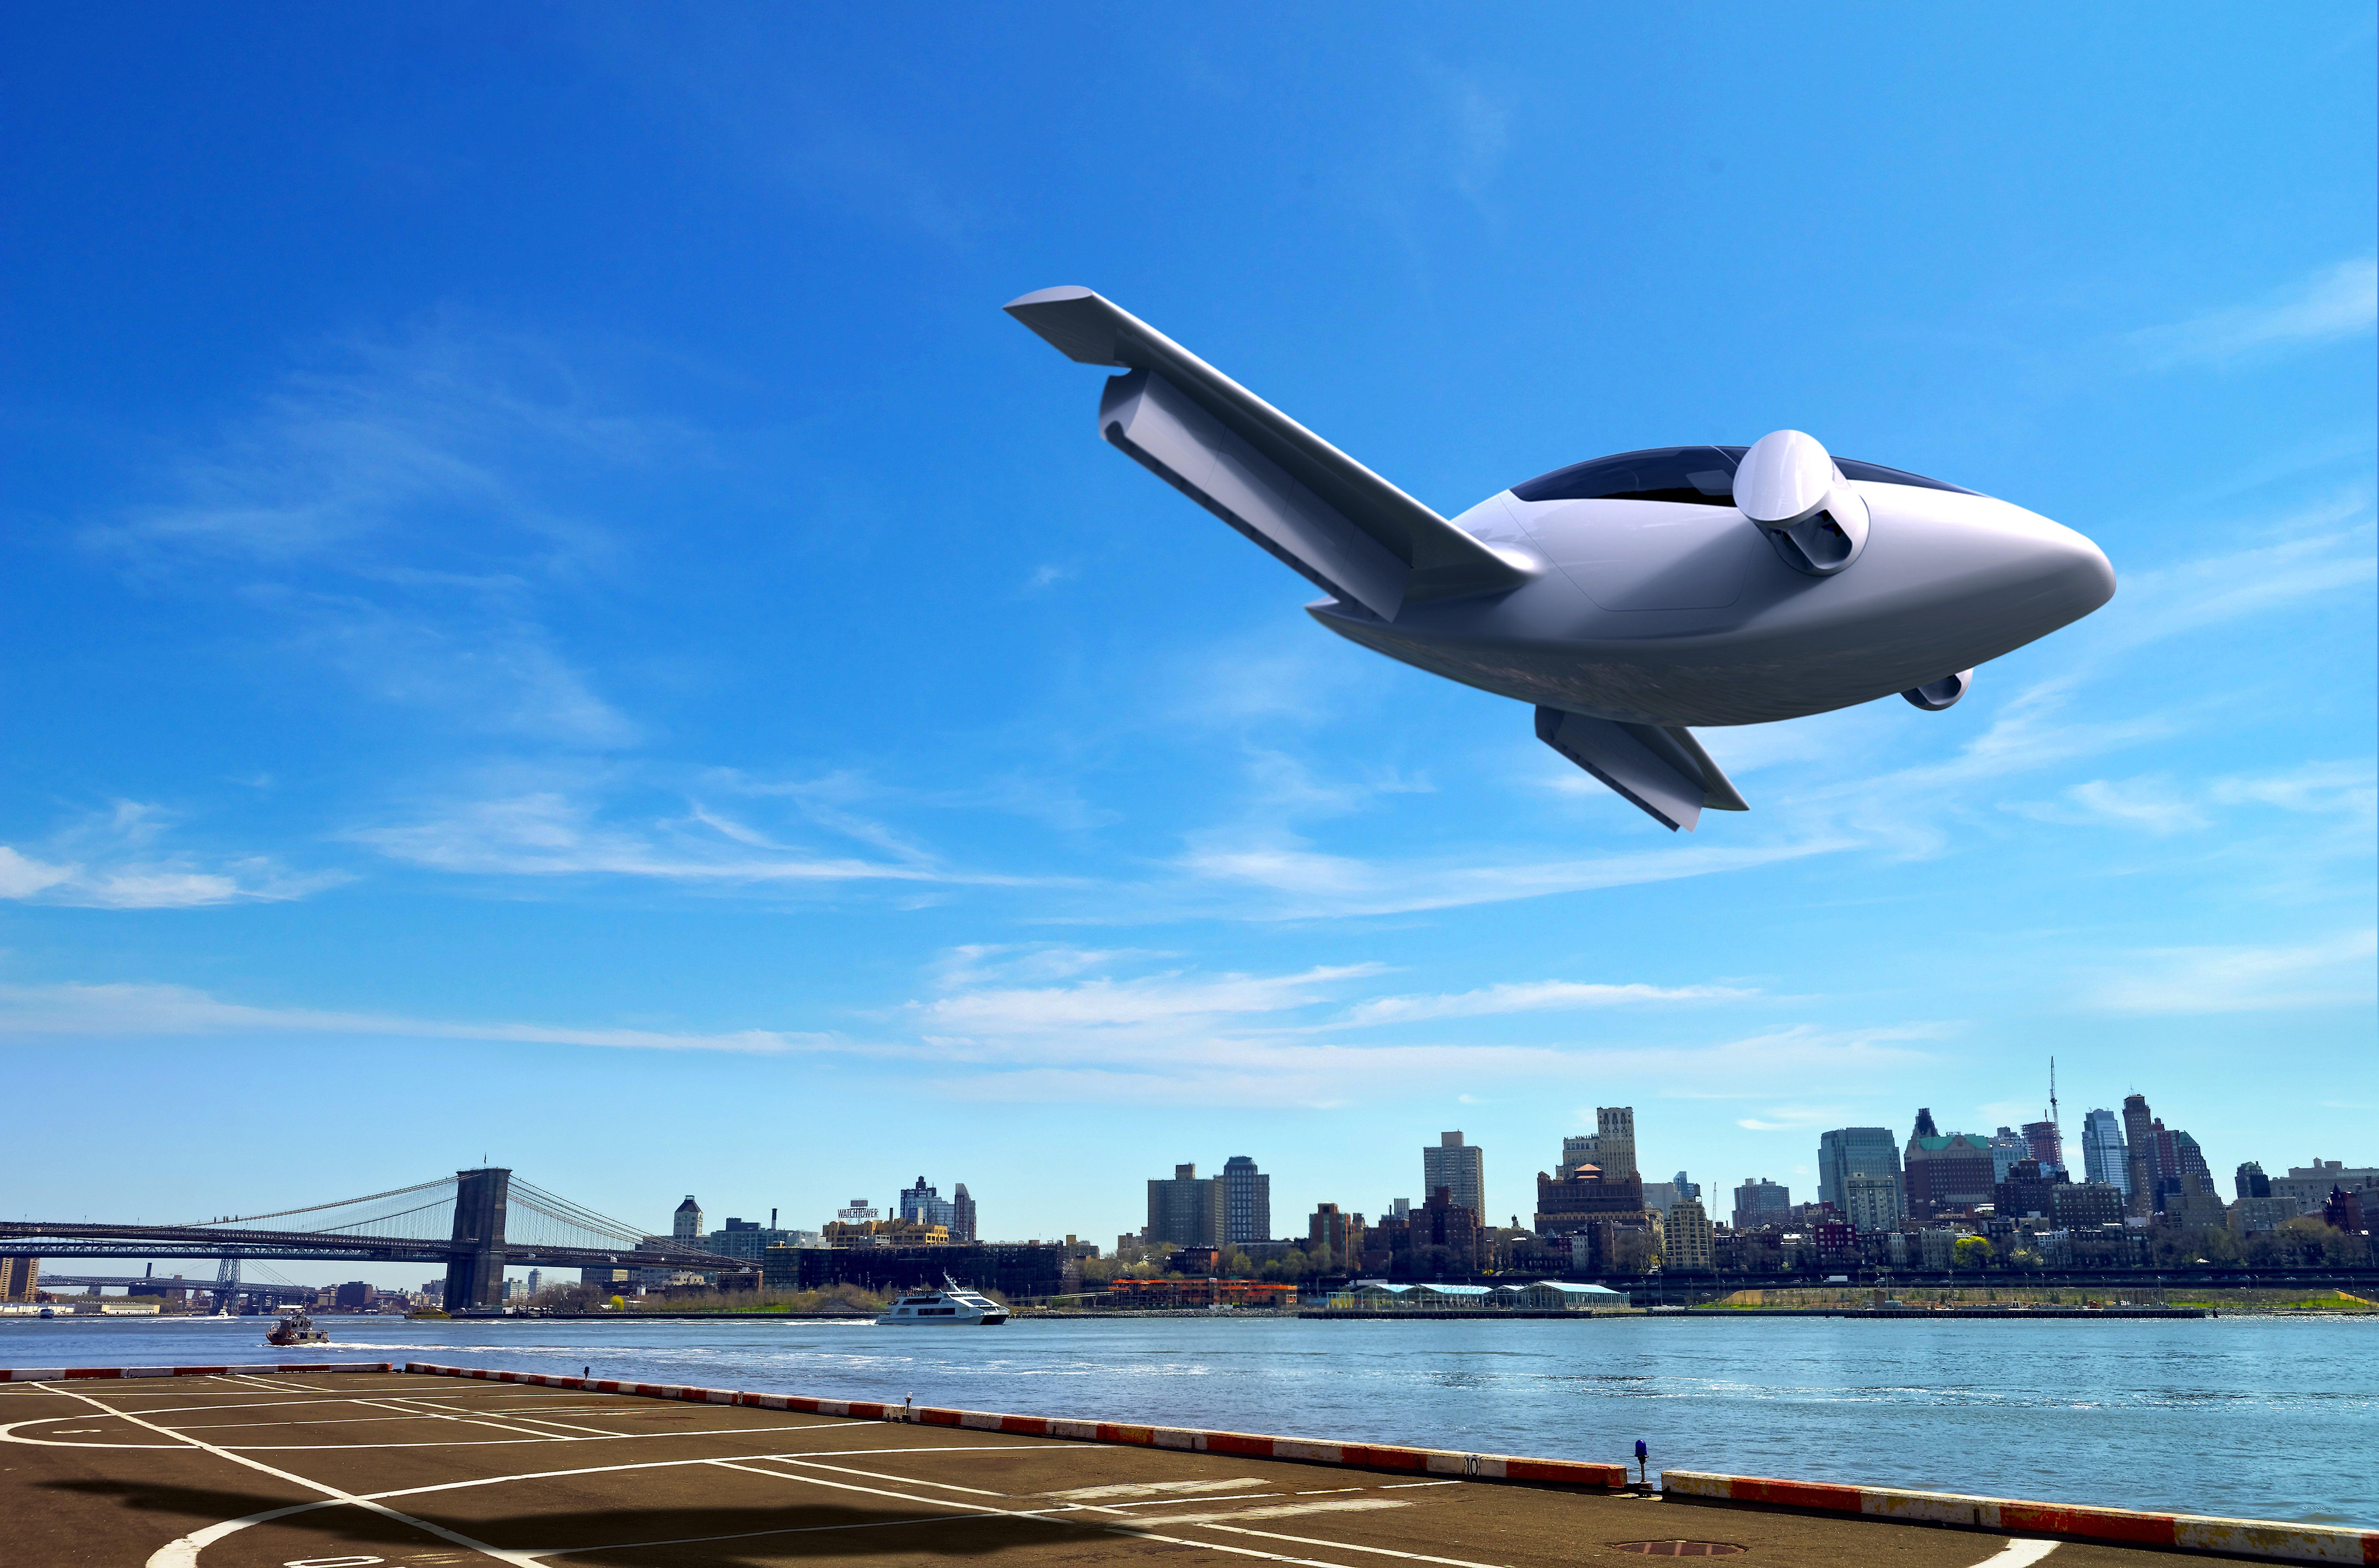 """Inspiriert wurden die jungen Ingenieure der TU München, die den Lilium Jet entwickelt haben,durch den Science Fiction """"Das fünfte Element"""", in dem sich die Autos fliegenderweise durch Straßenschluchten bewegen."""